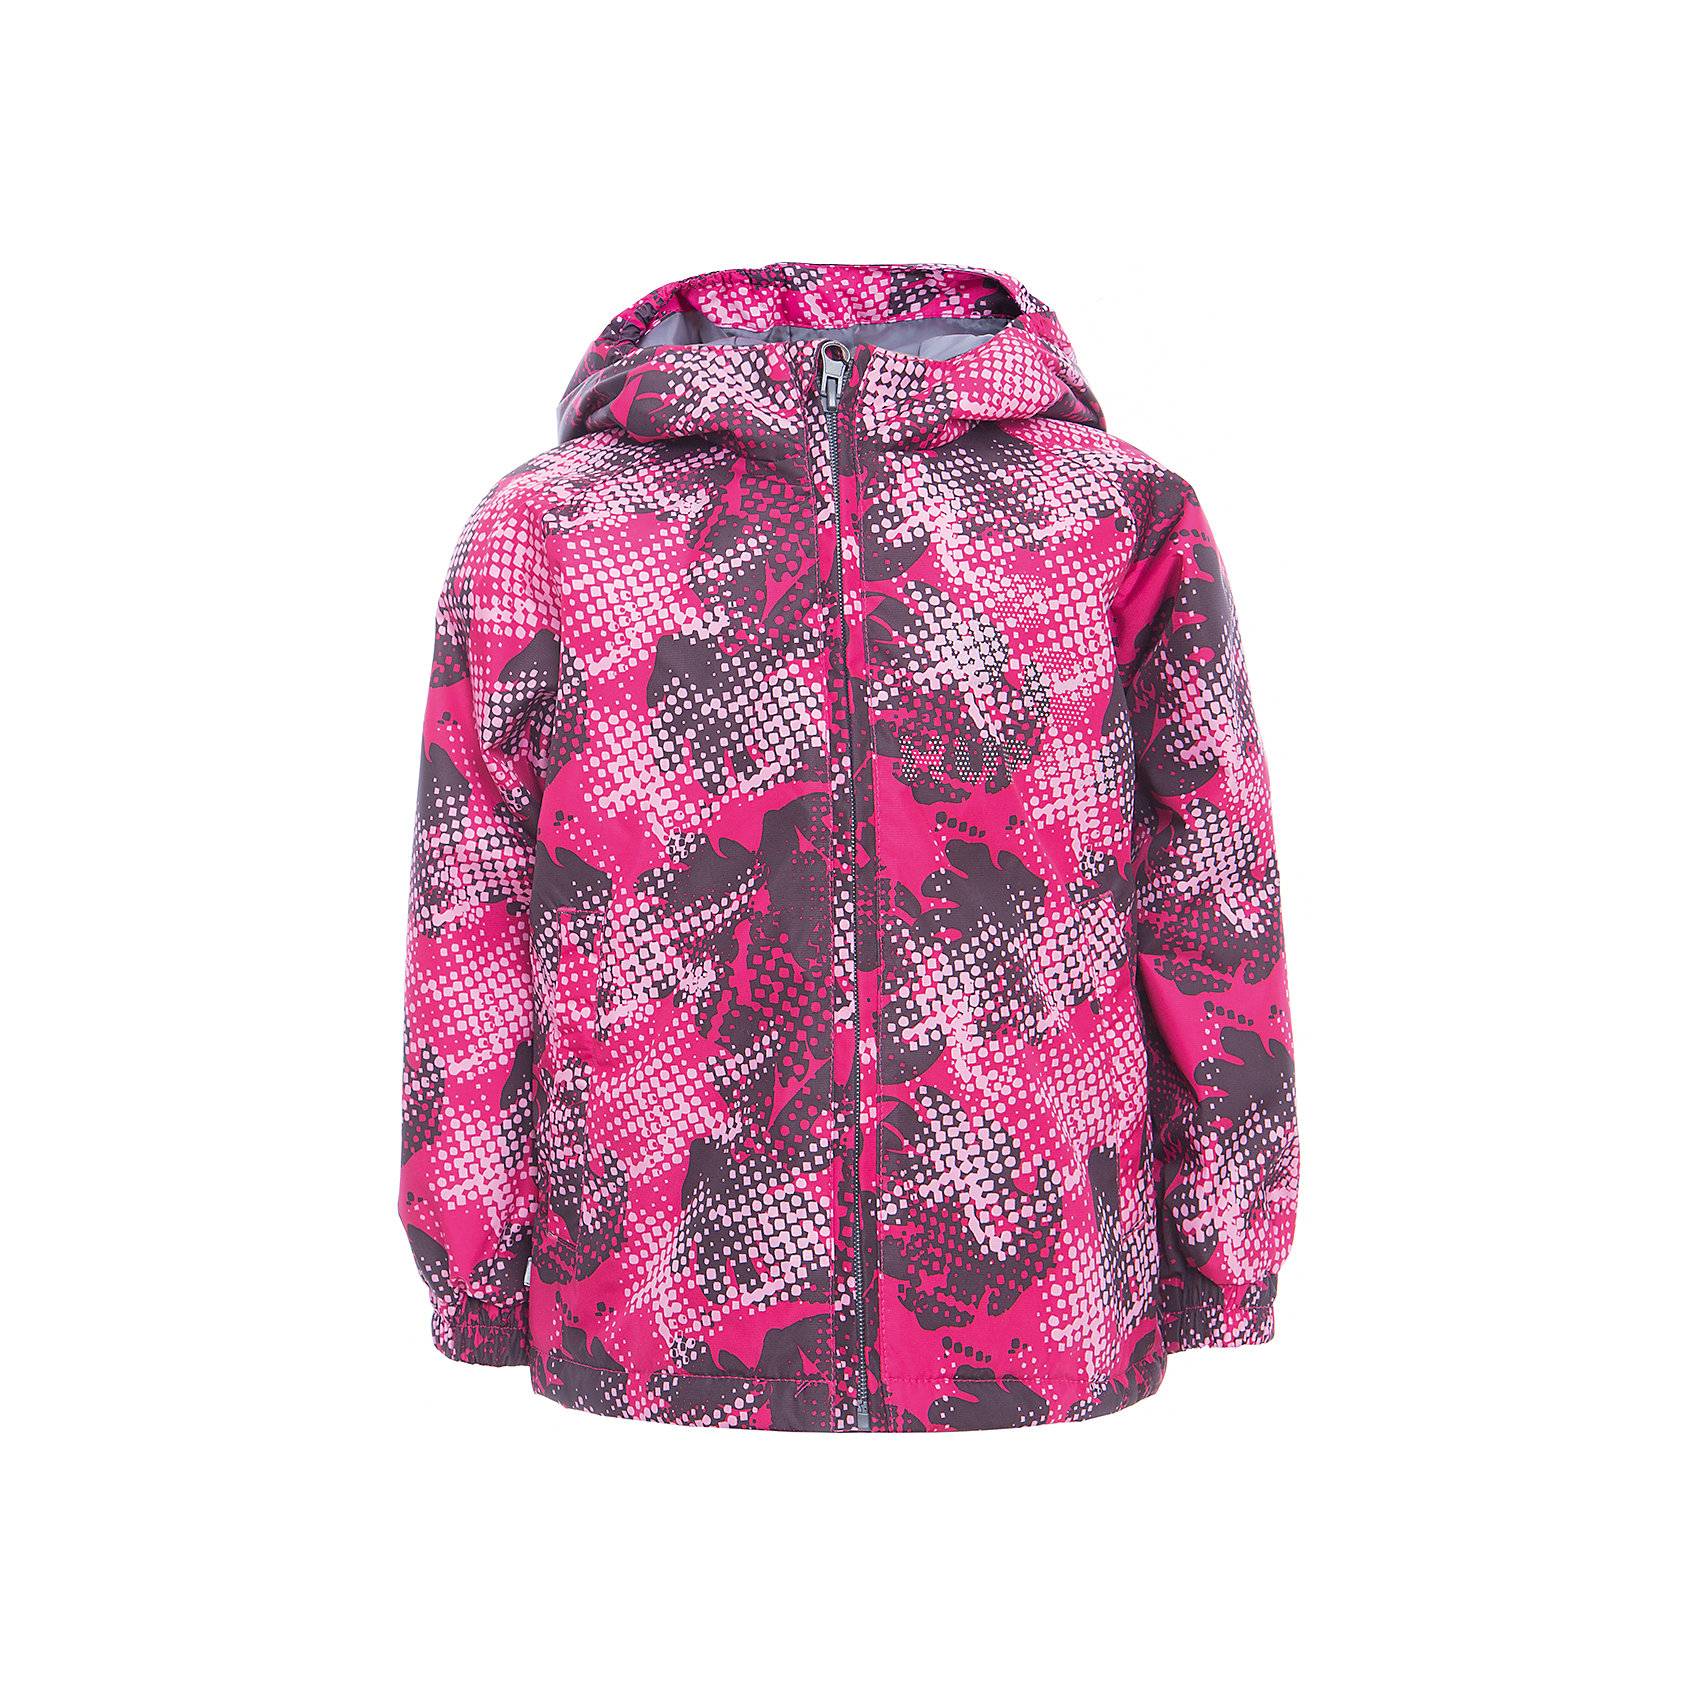 Куртка CLASSY для девочки HuppaДемисезонные куртки<br>Характеристики товара:<br><br>• цвет: фуксия принт<br>• ткань: 100% полиэстер<br>• подкладка: тафта - 100% полиэстер<br>• утеплитель: 100% полиэстер 100 г<br>• температурный режим: от -5°С до +10°С<br>• водонепроницаемость: 10000 мм<br>• воздухопроницаемость: 10000 мм<br>• светоотражающие детали<br>• эластичные манжеты<br>• молния<br>• капюшон с резинкой<br>• капюшон не отстёгивается<br>• карманы<br>• комфортная посадка<br>• коллекция: весна-лето 2017<br>• страна бренда: Эстония<br><br>Эта стильная куртка обеспечит детям тепло и комфорт. Она сделана из материала, отталкивающего воду, и дополнено подкладкой с утеплителем, поэтому изделие идеально подходит для межсезонья. Материал изделия - с мембранной технологией: защищая от влаги и ветра, он легко выводит лишнюю влагу наружу. Для удобства сделан капюшон. Куртка очень симпатично смотрится, яркая расцветка и крой добавляют ему оригинальности. Модель была разработана специально для детей.<br><br>Одежда и обувь от популярного эстонского бренда Huppa - отличный вариант одеть ребенка можно и комфортно. Вещи, выпускаемые компанией, качественные, продуманные и очень удобные. Для производства изделий используются только безопасные для детей материалы. Продукция от Huppa порадует и детей, и их родителей!<br><br>Куртку CLASSY от бренда Huppa (Хуппа) можно купить в нашем интернет-магазине.<br><br>Ширина мм: 356<br>Глубина мм: 10<br>Высота мм: 245<br>Вес г: 519<br>Цвет: фиолетовый<br>Возраст от месяцев: 108<br>Возраст до месяцев: 120<br>Пол: Женский<br>Возраст: Детский<br>Размер: 140,146,152,92,98,104,110,116,122,128,134<br>SKU: 5347122